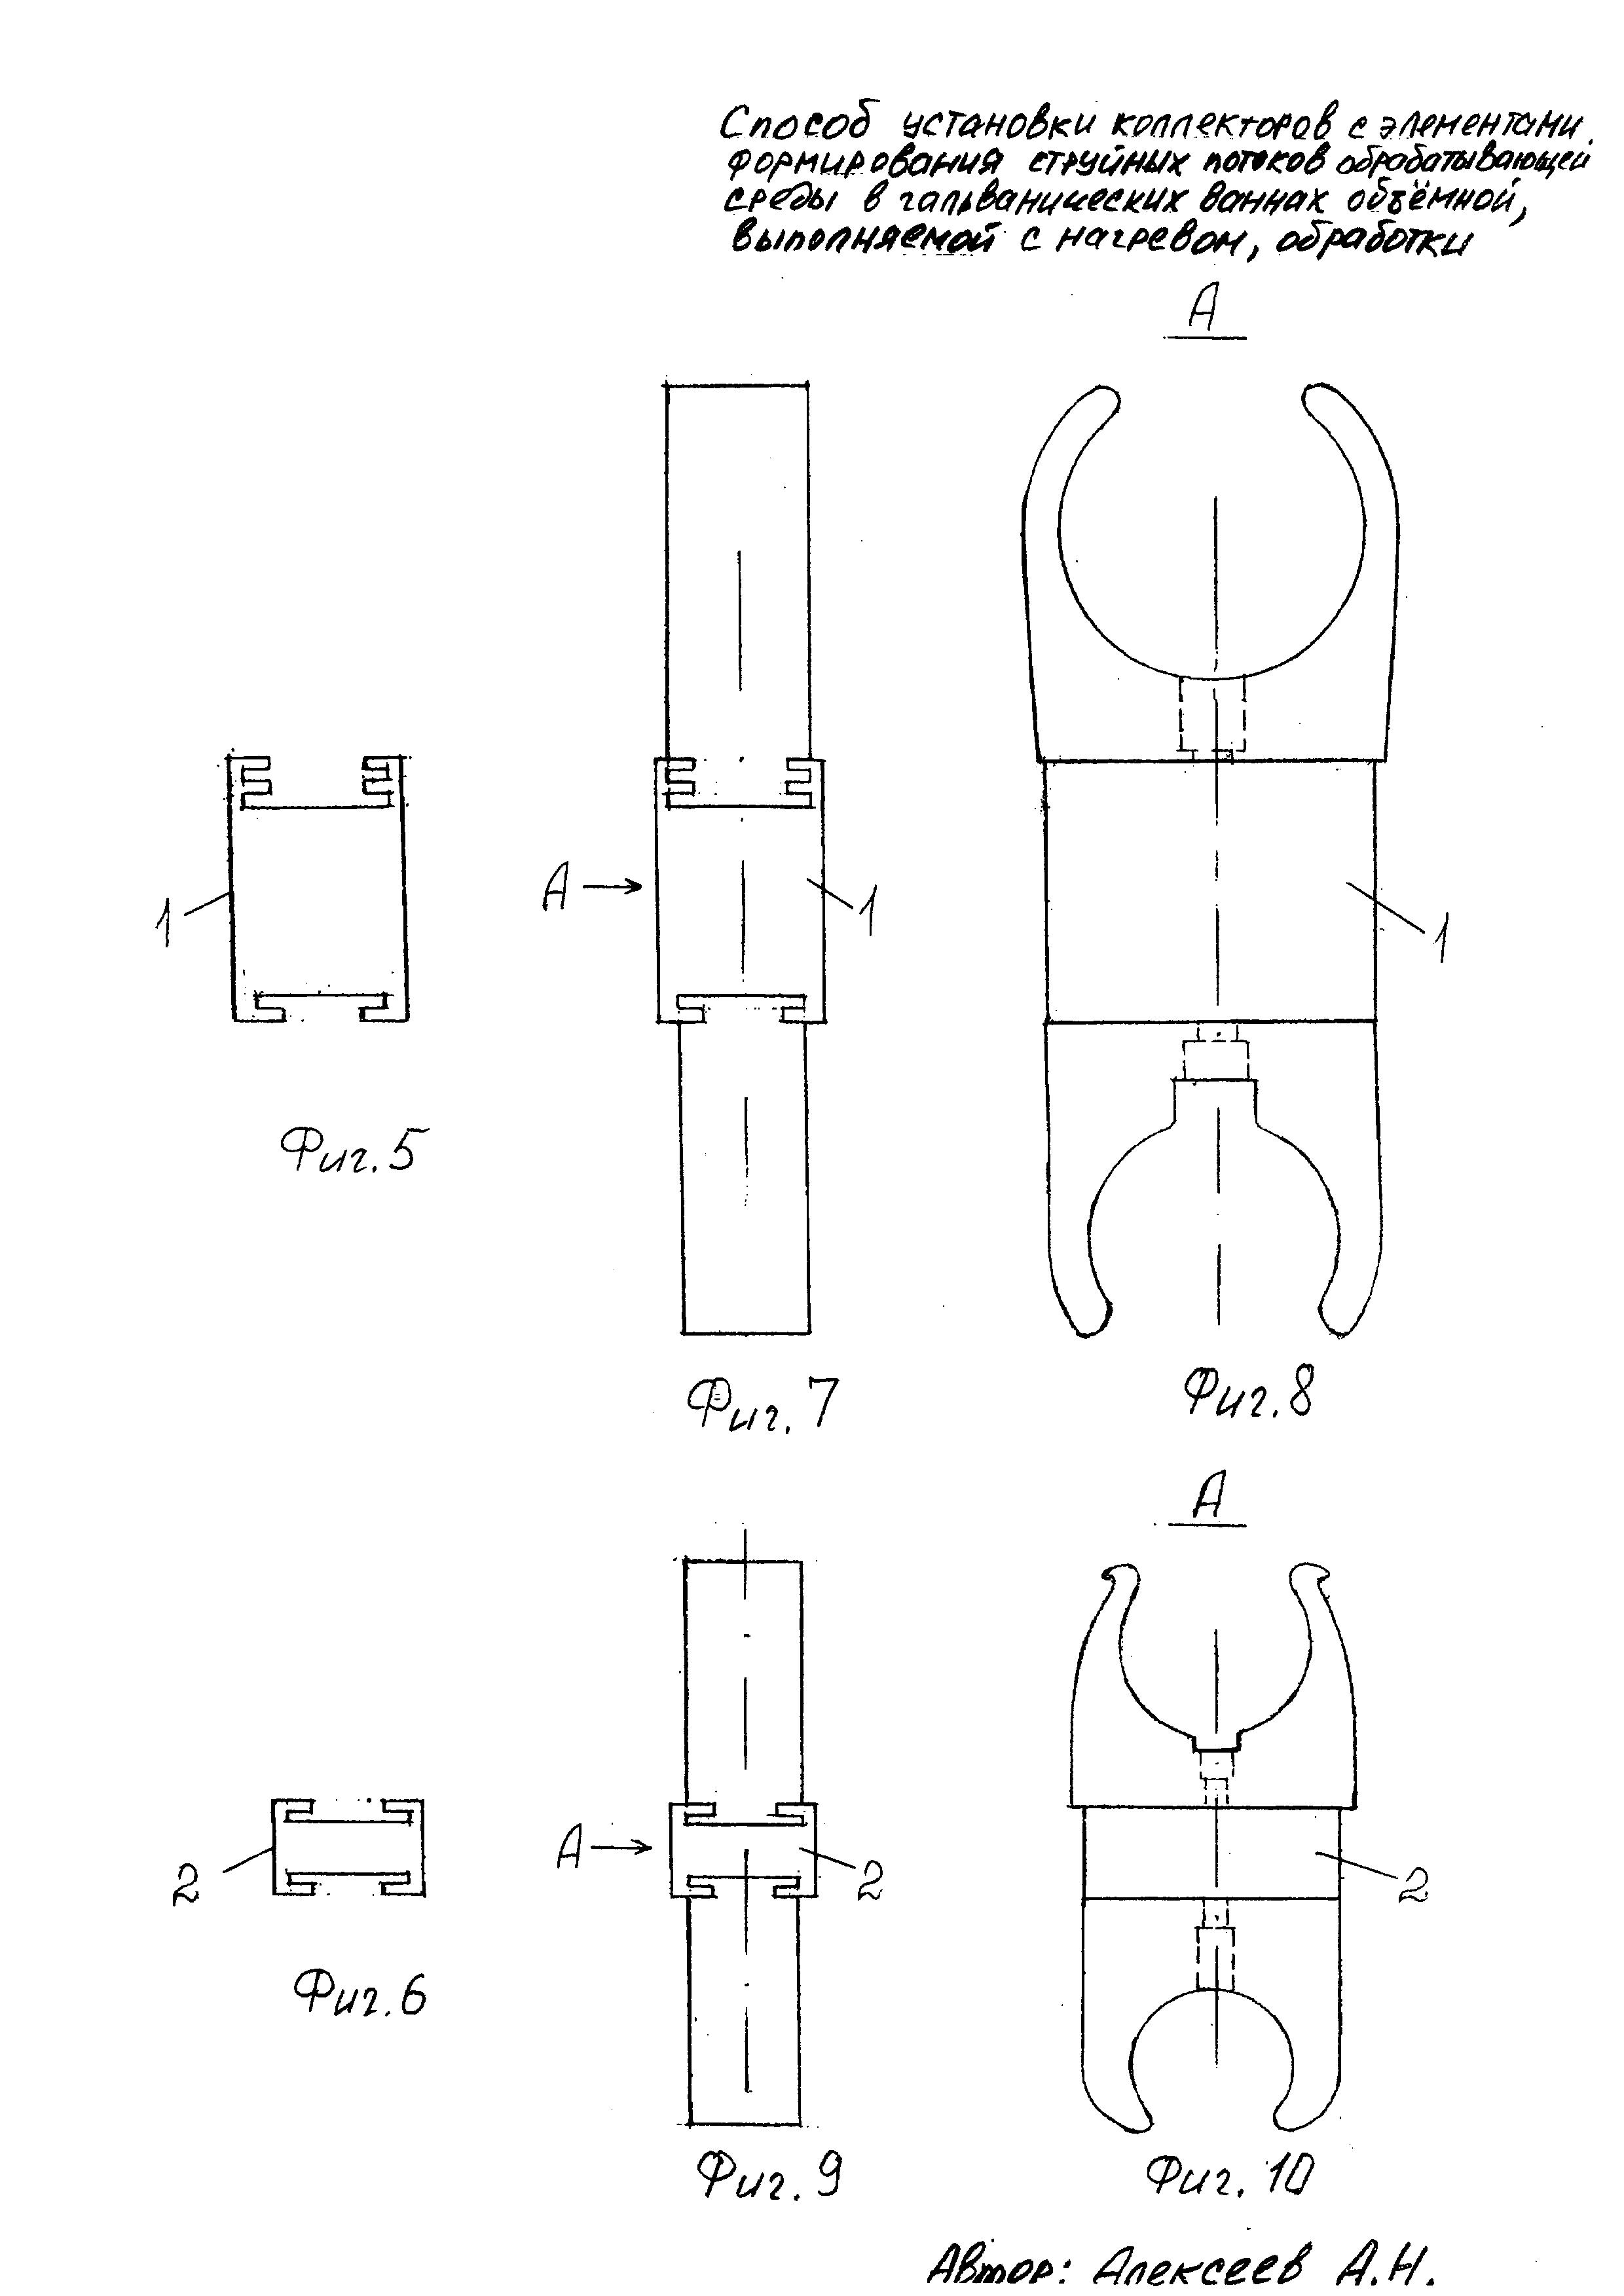 Способ установки коллекторов с элементами формирования струйных потоков обрабатывающей среды в гальванических ваннах объёмной, выполняемой с нагревом, обработки